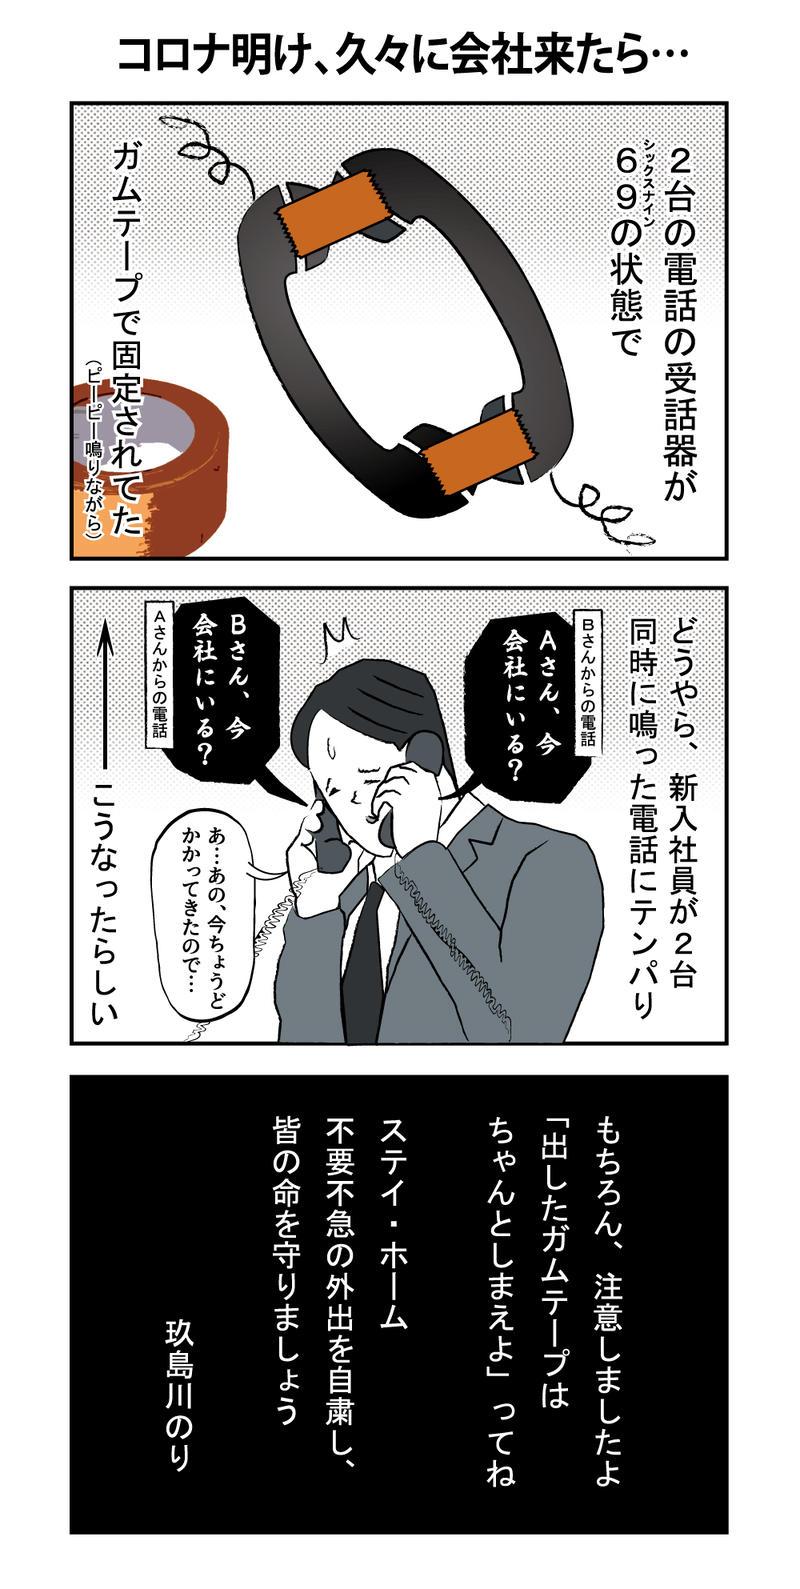 会社員 玖島川の日常 175